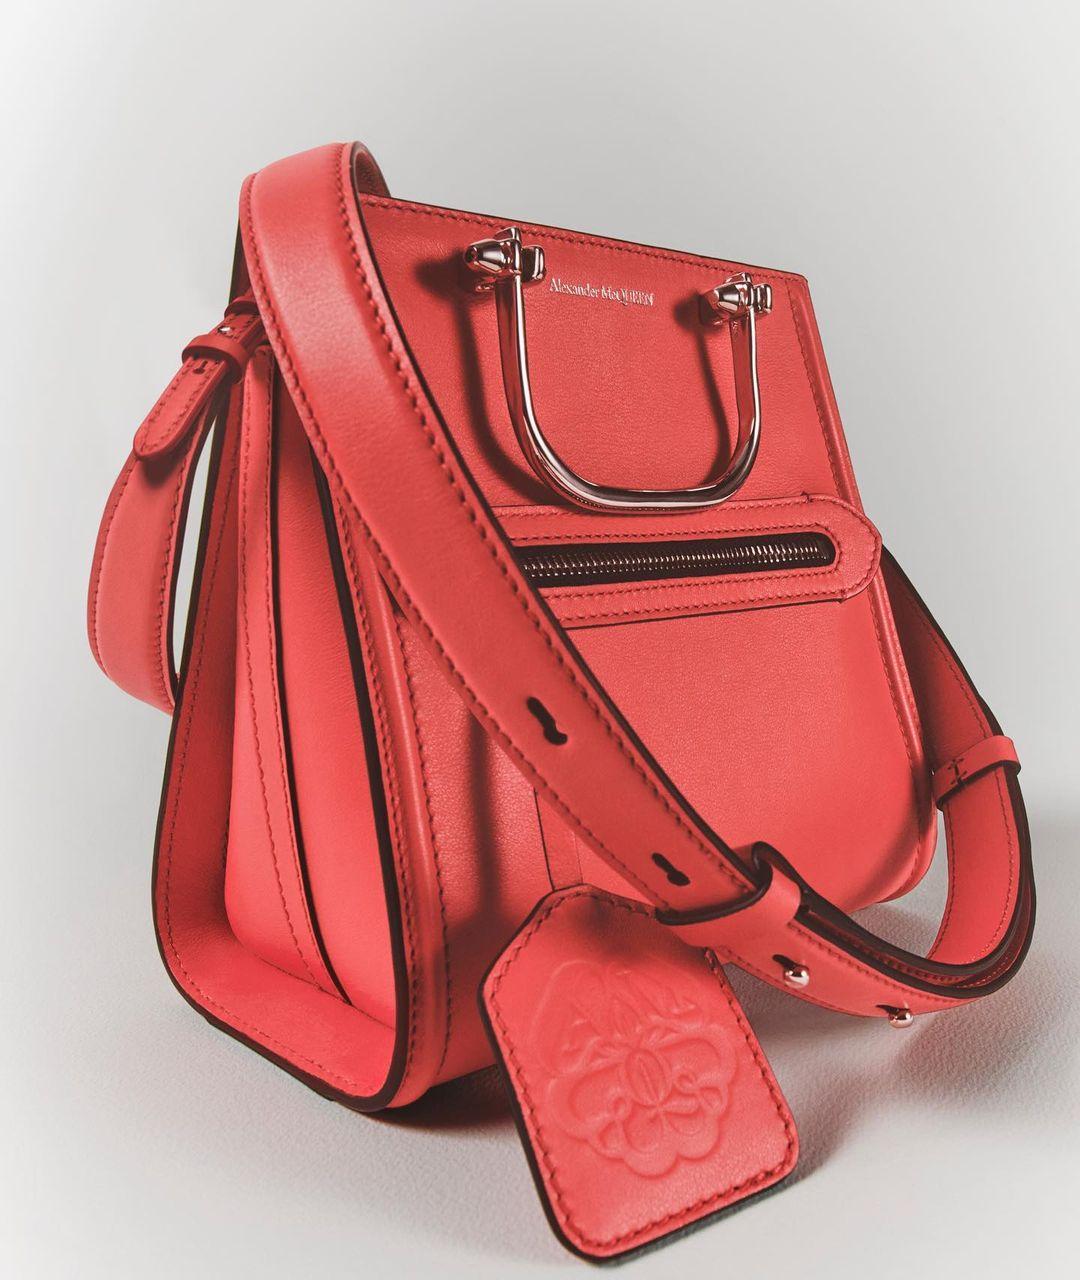 حقيبة من الكسندر مكوين الصورة من انستقرام الدار